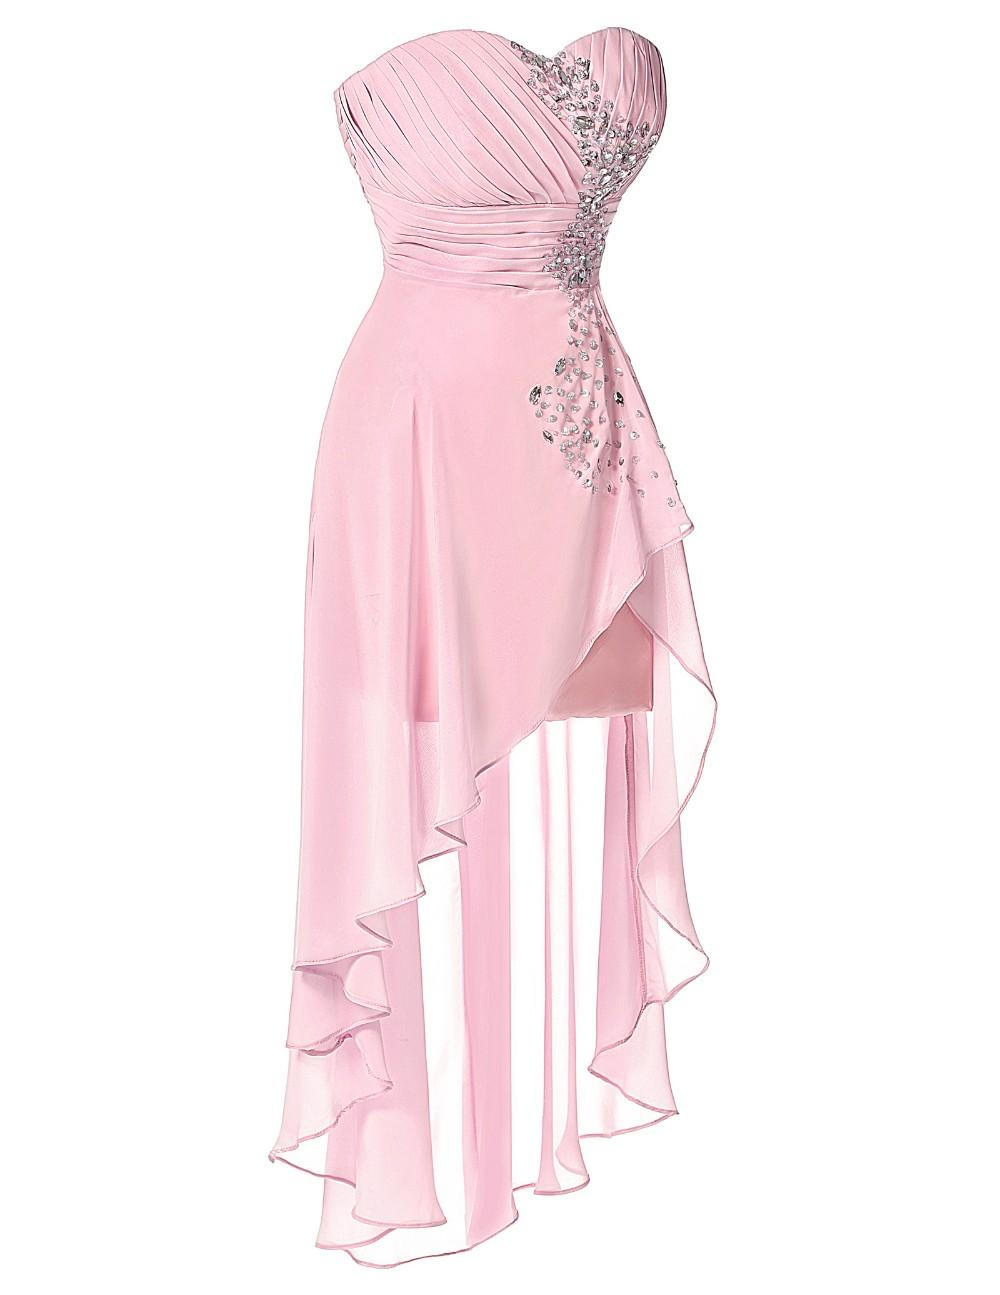 Grace karin vestidos de dama de honor de la turquesa bridemaid ...